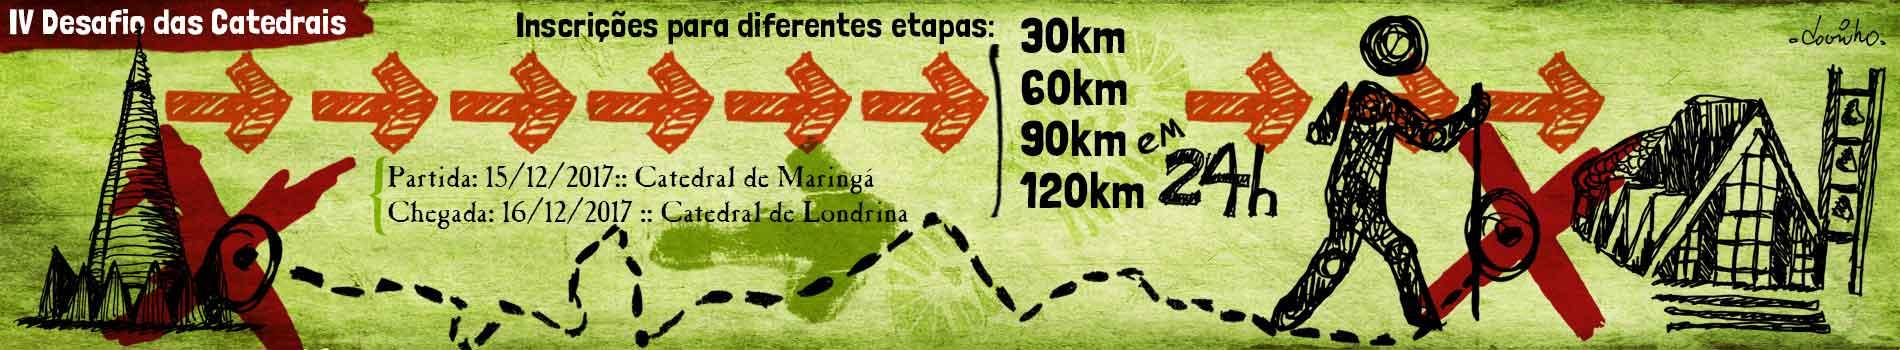 IV DESAFIO DAS CATEDRAIS - Imagem de topo